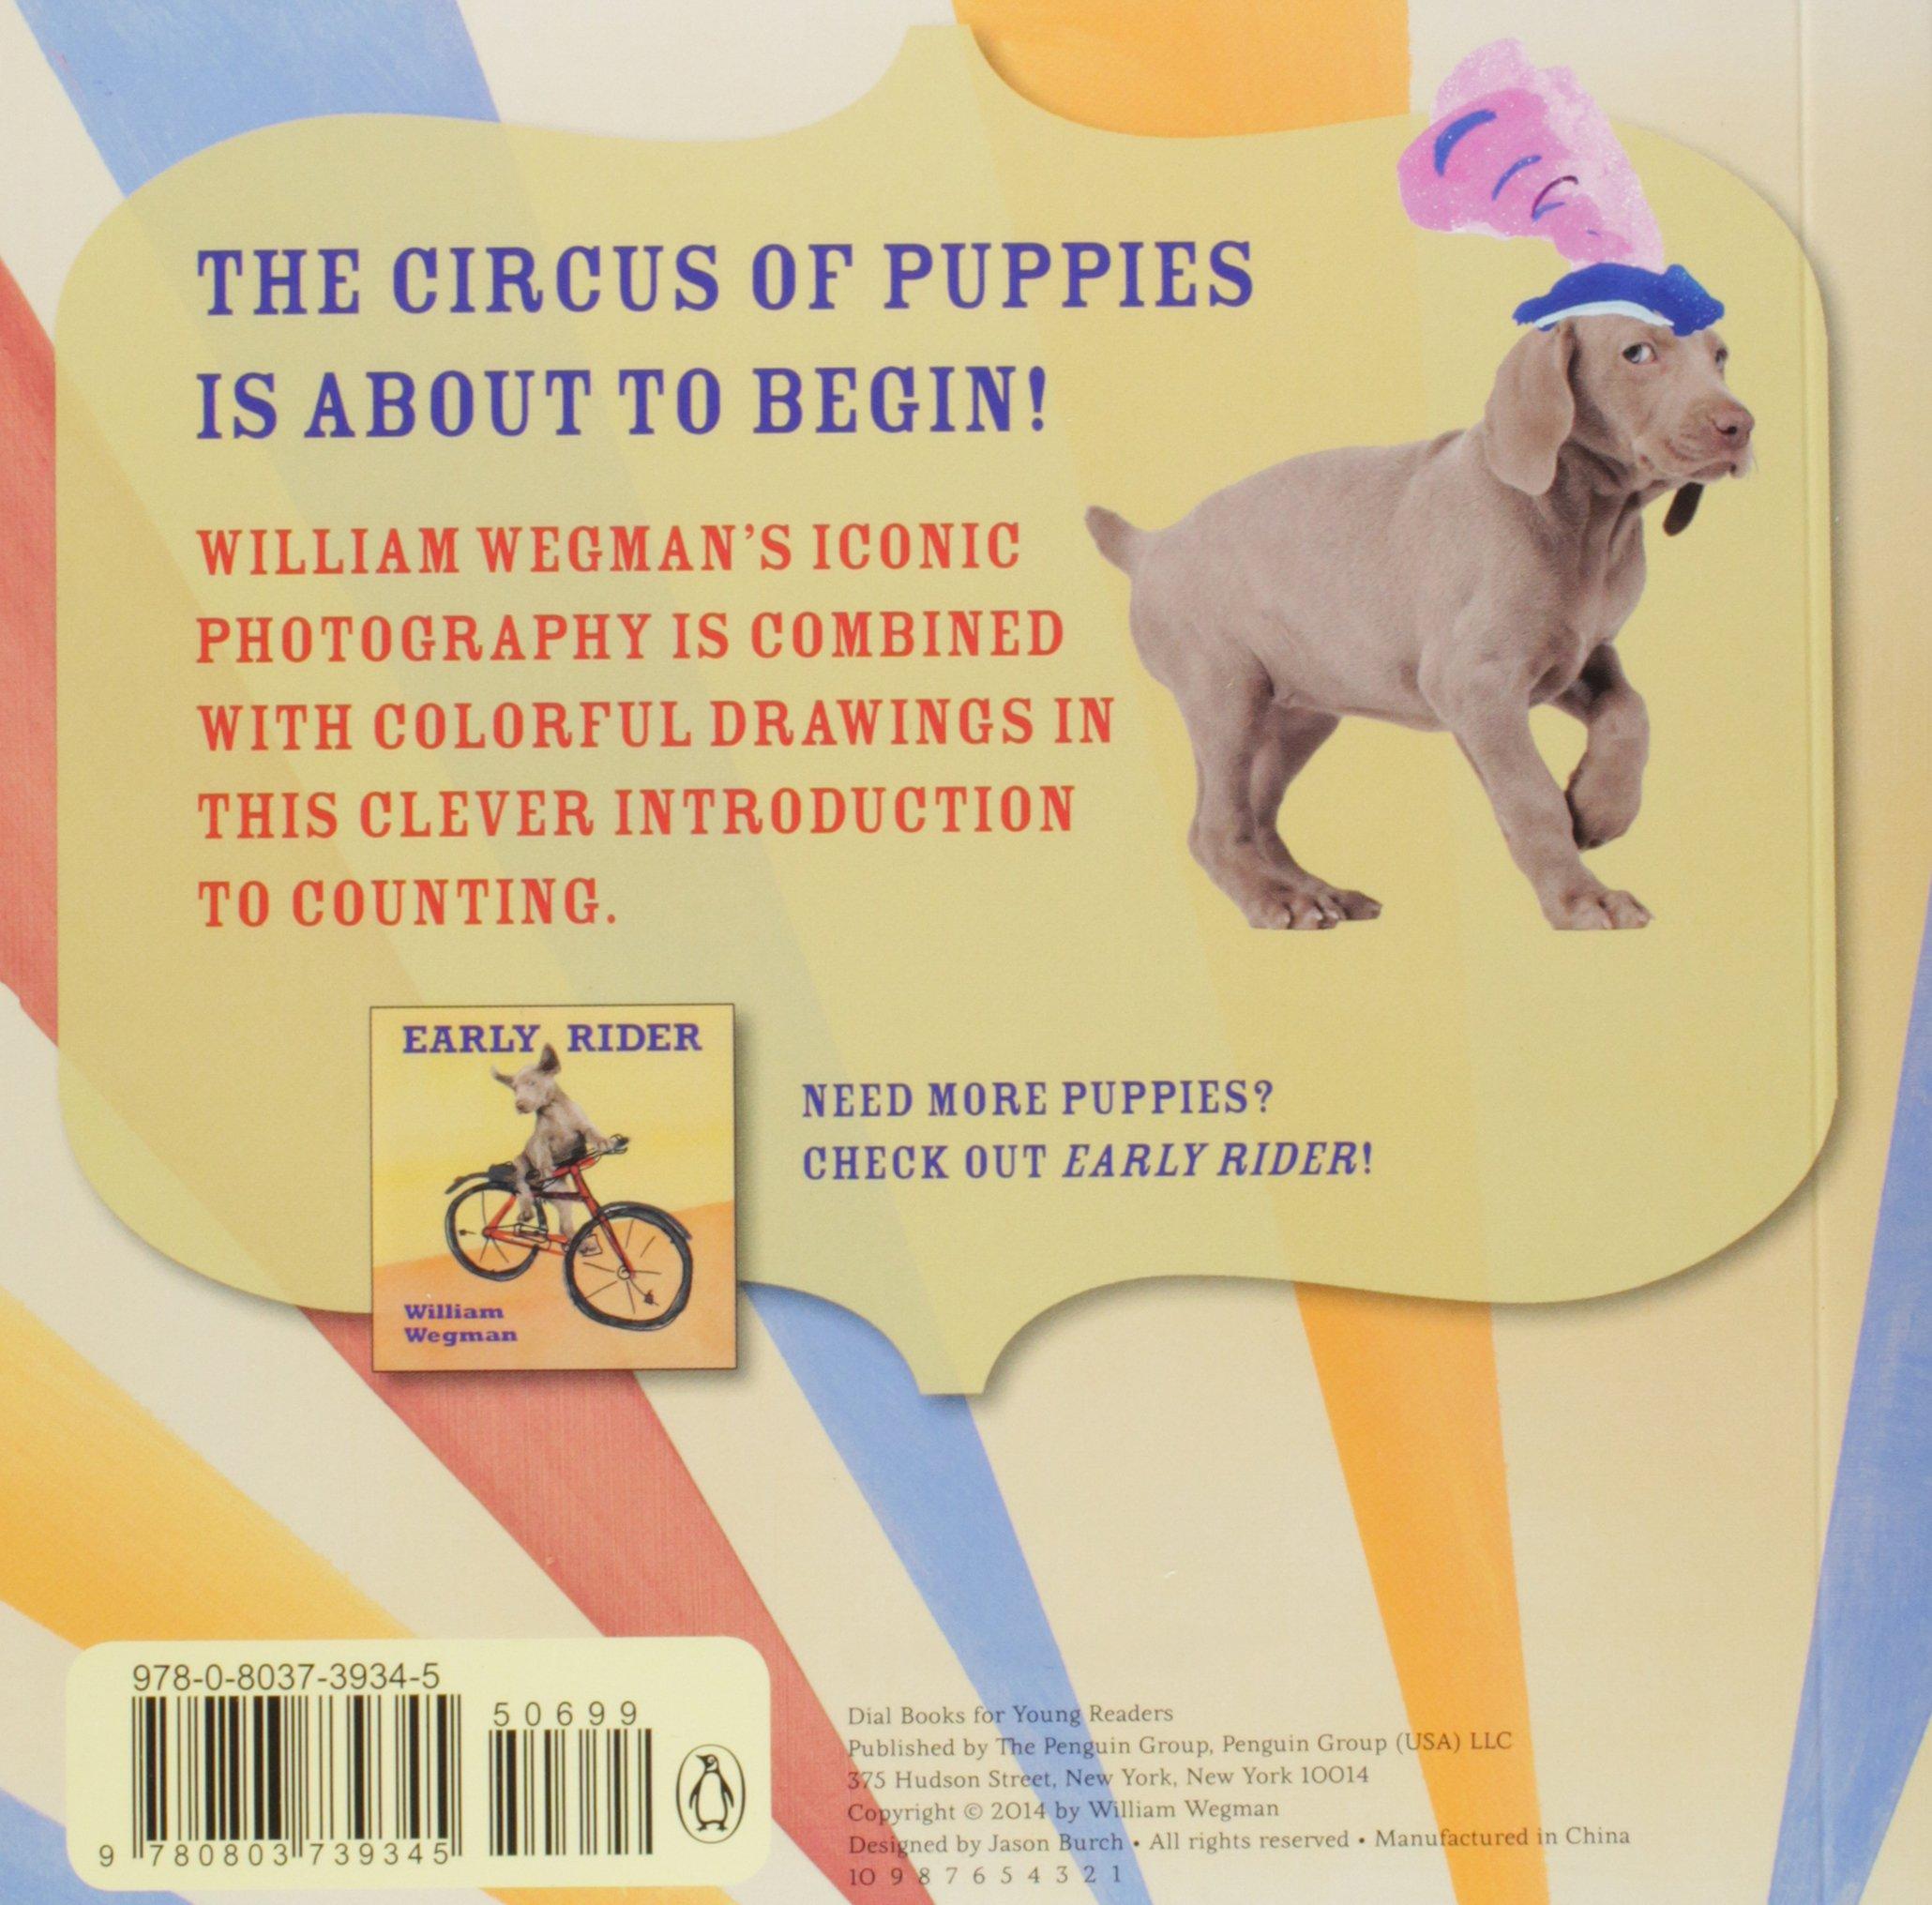 3-2-1 Circus!: William Wegman: 9780803739345: Amazon.com: Books